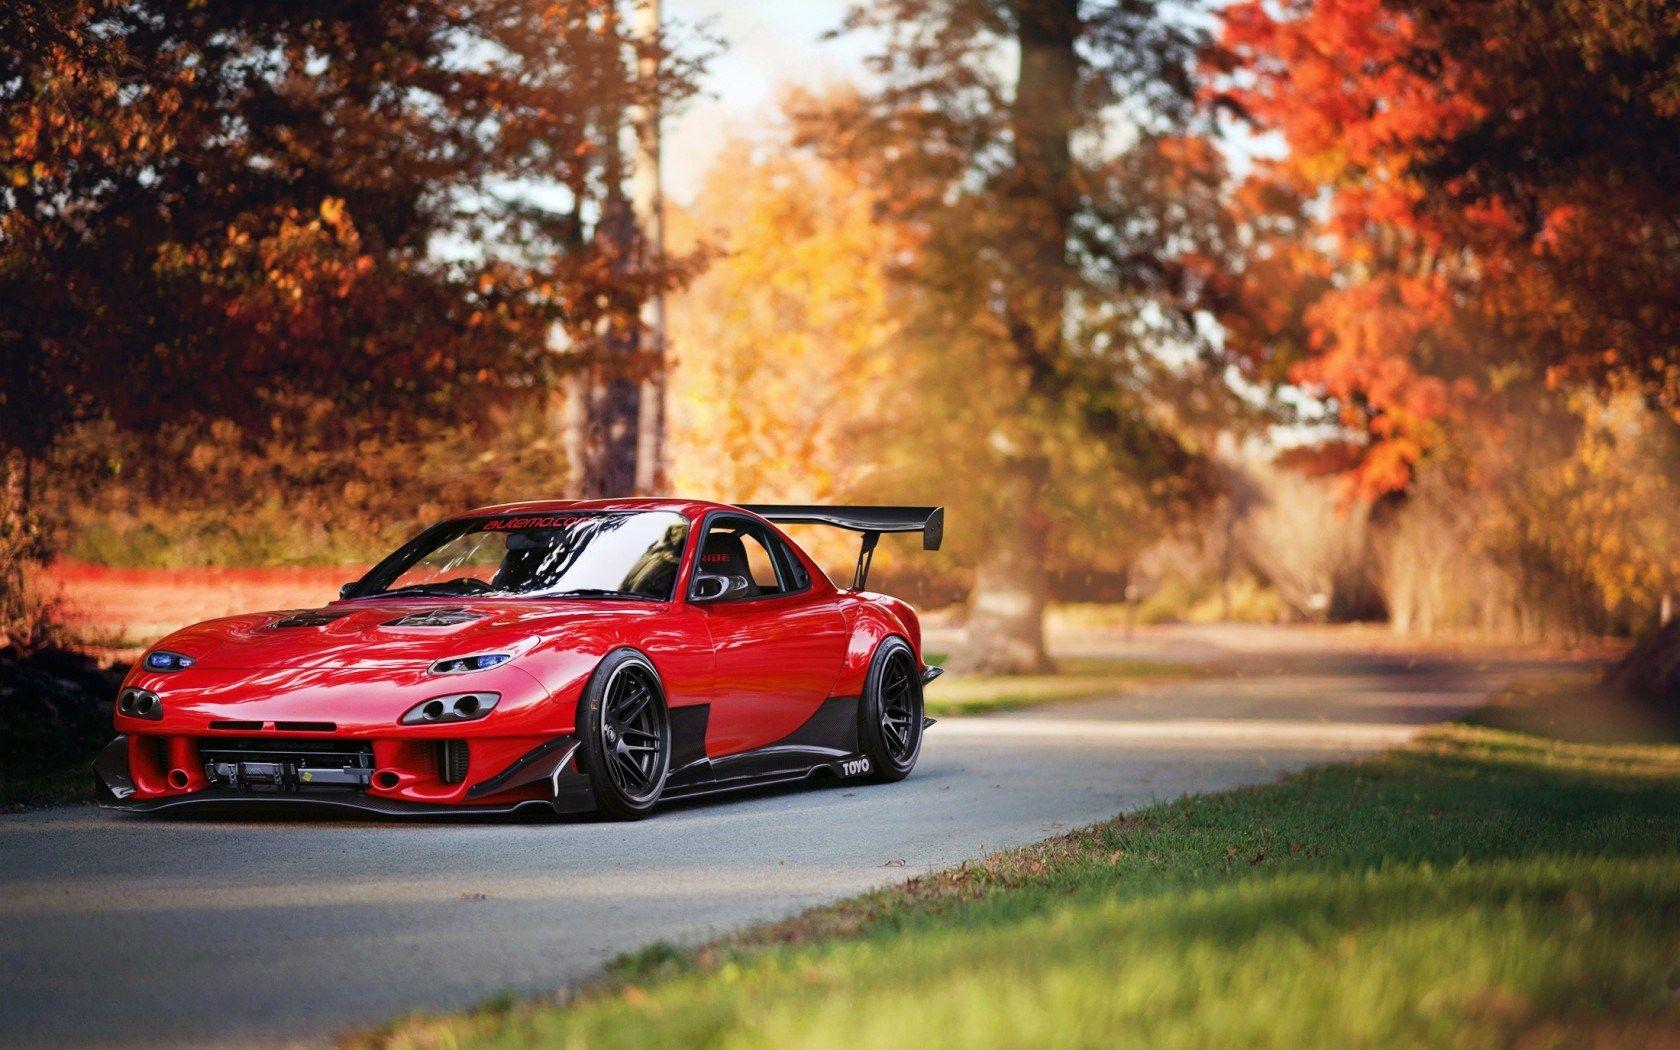 Mazda Rx 7 Mazda Rx7 Mazda Cars Red Sports Car